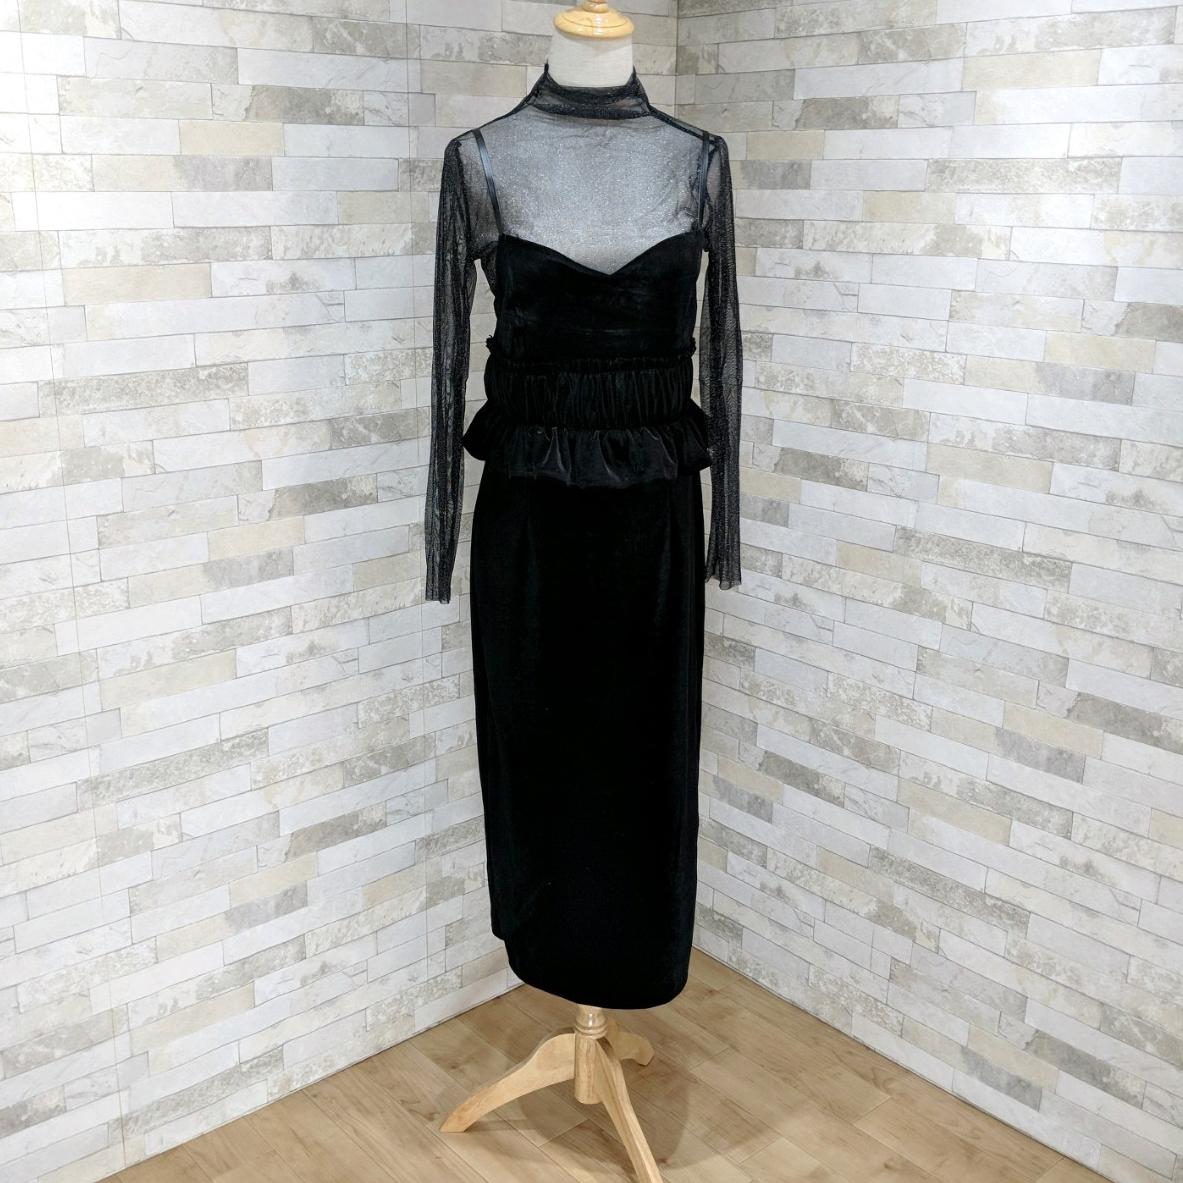 【即納】韓国 ファッション パーティードレス 結婚式 お呼ばれドレス セットアップ 春 秋 冬 パーティー ブライダル SPTXG169  シースルー ラメ ペプラム タイト 二次会 セレブ きれいめの写真12枚目